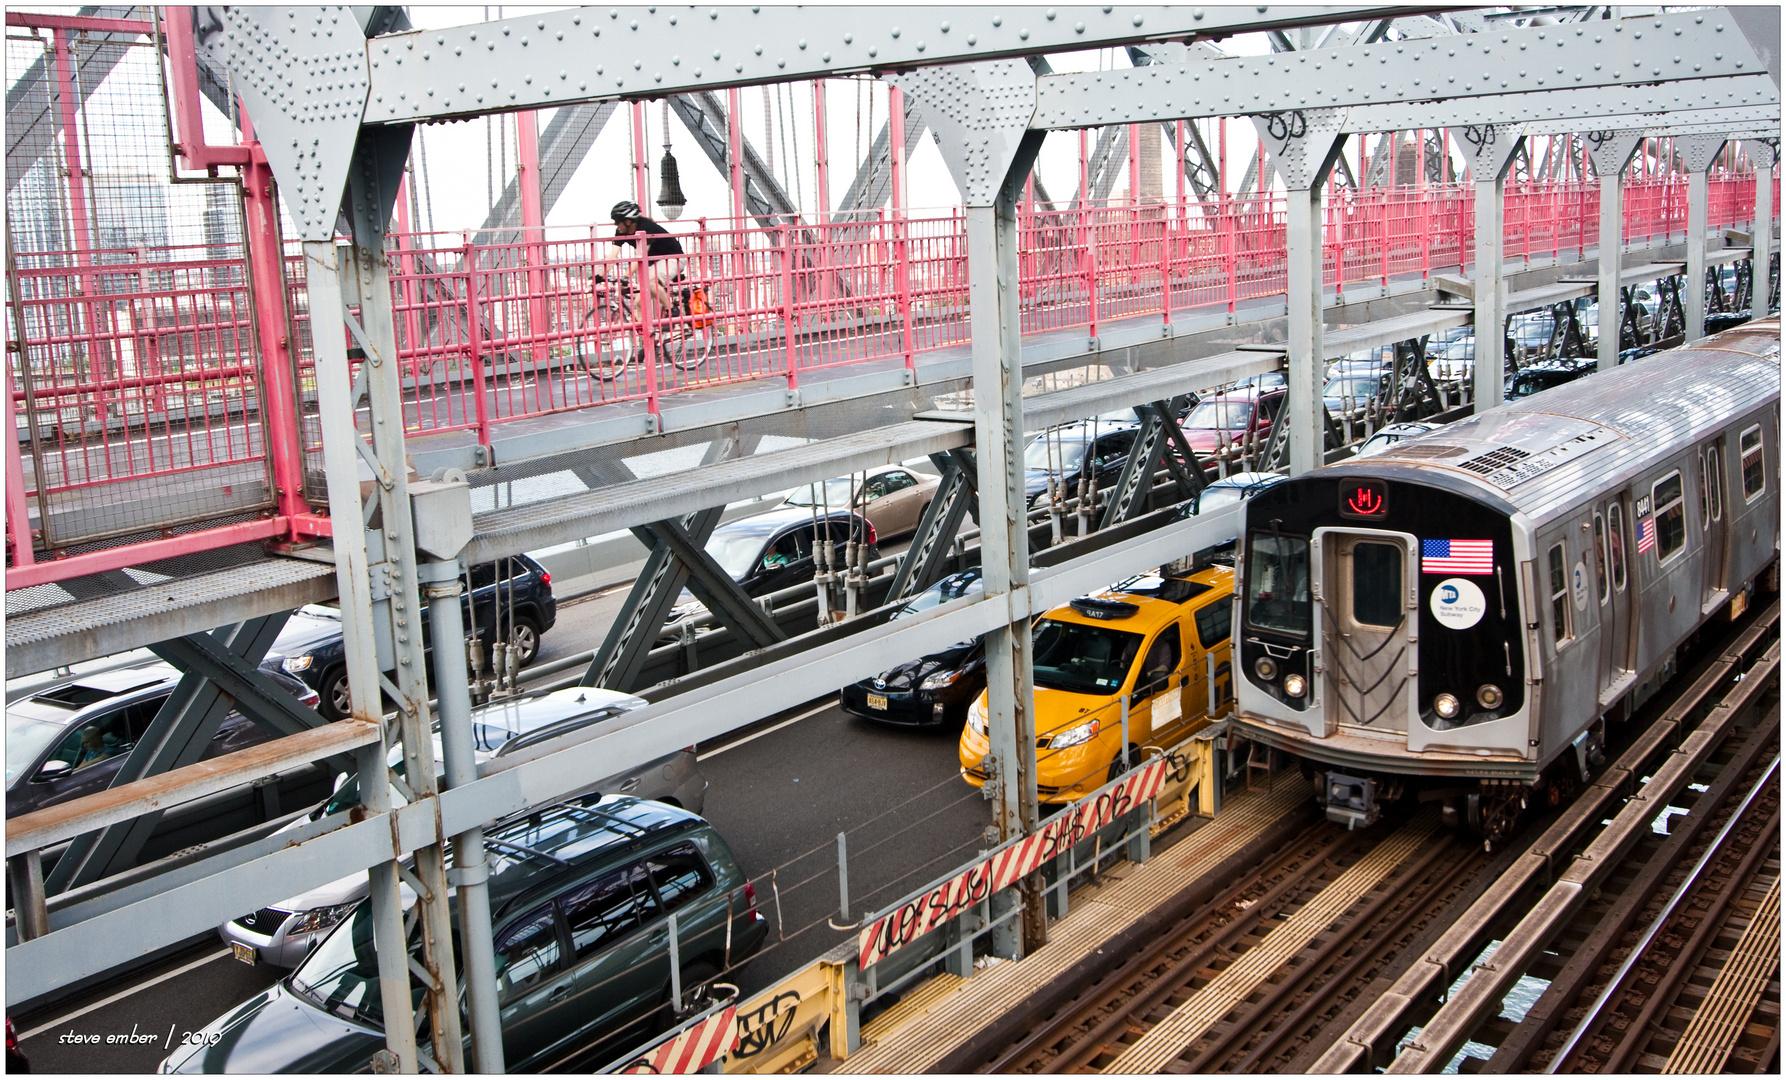 Manhattan-bound on the Willy-B